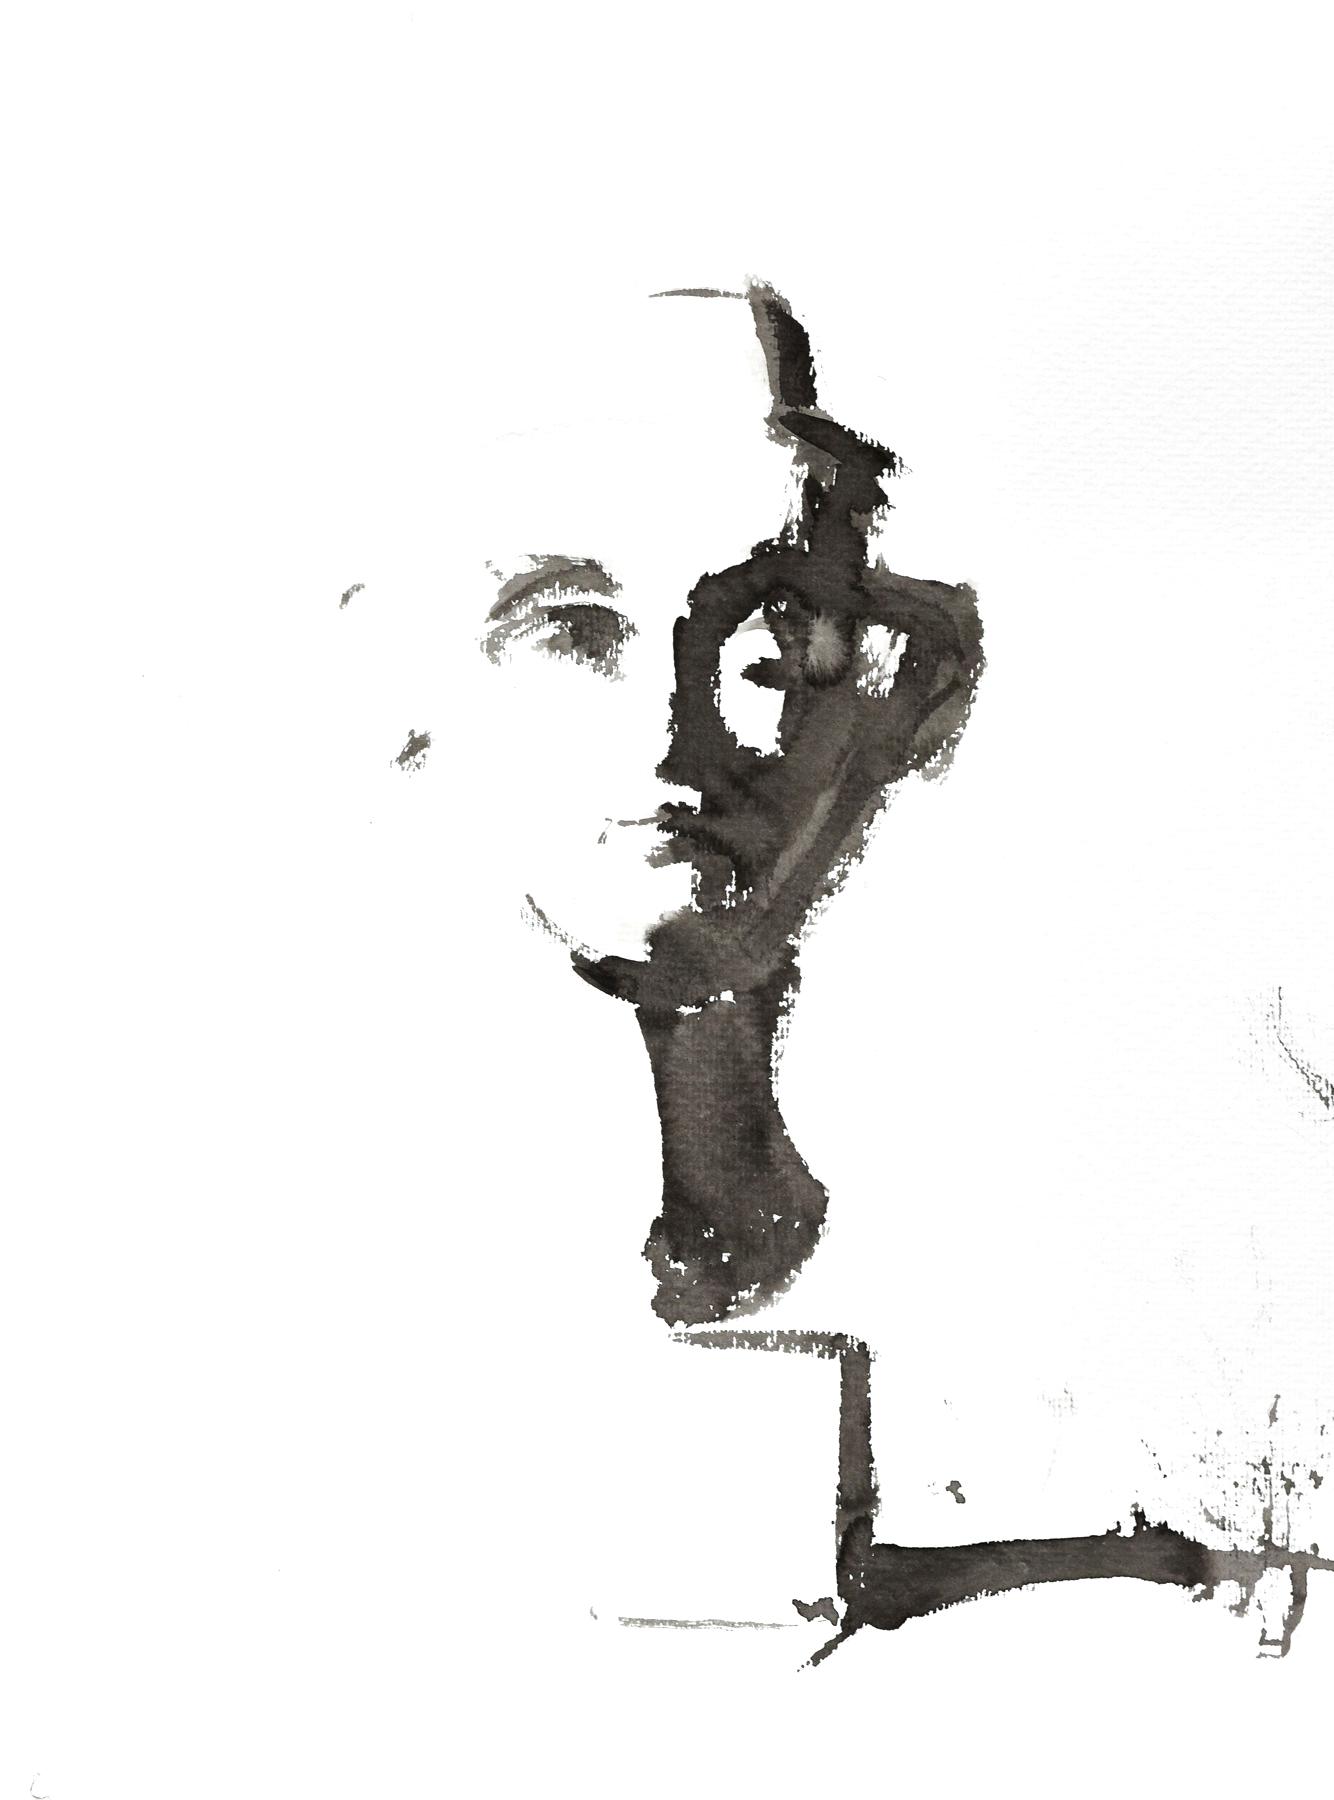 Isabelle de la Touche painter - Nefertiti bust - black ink